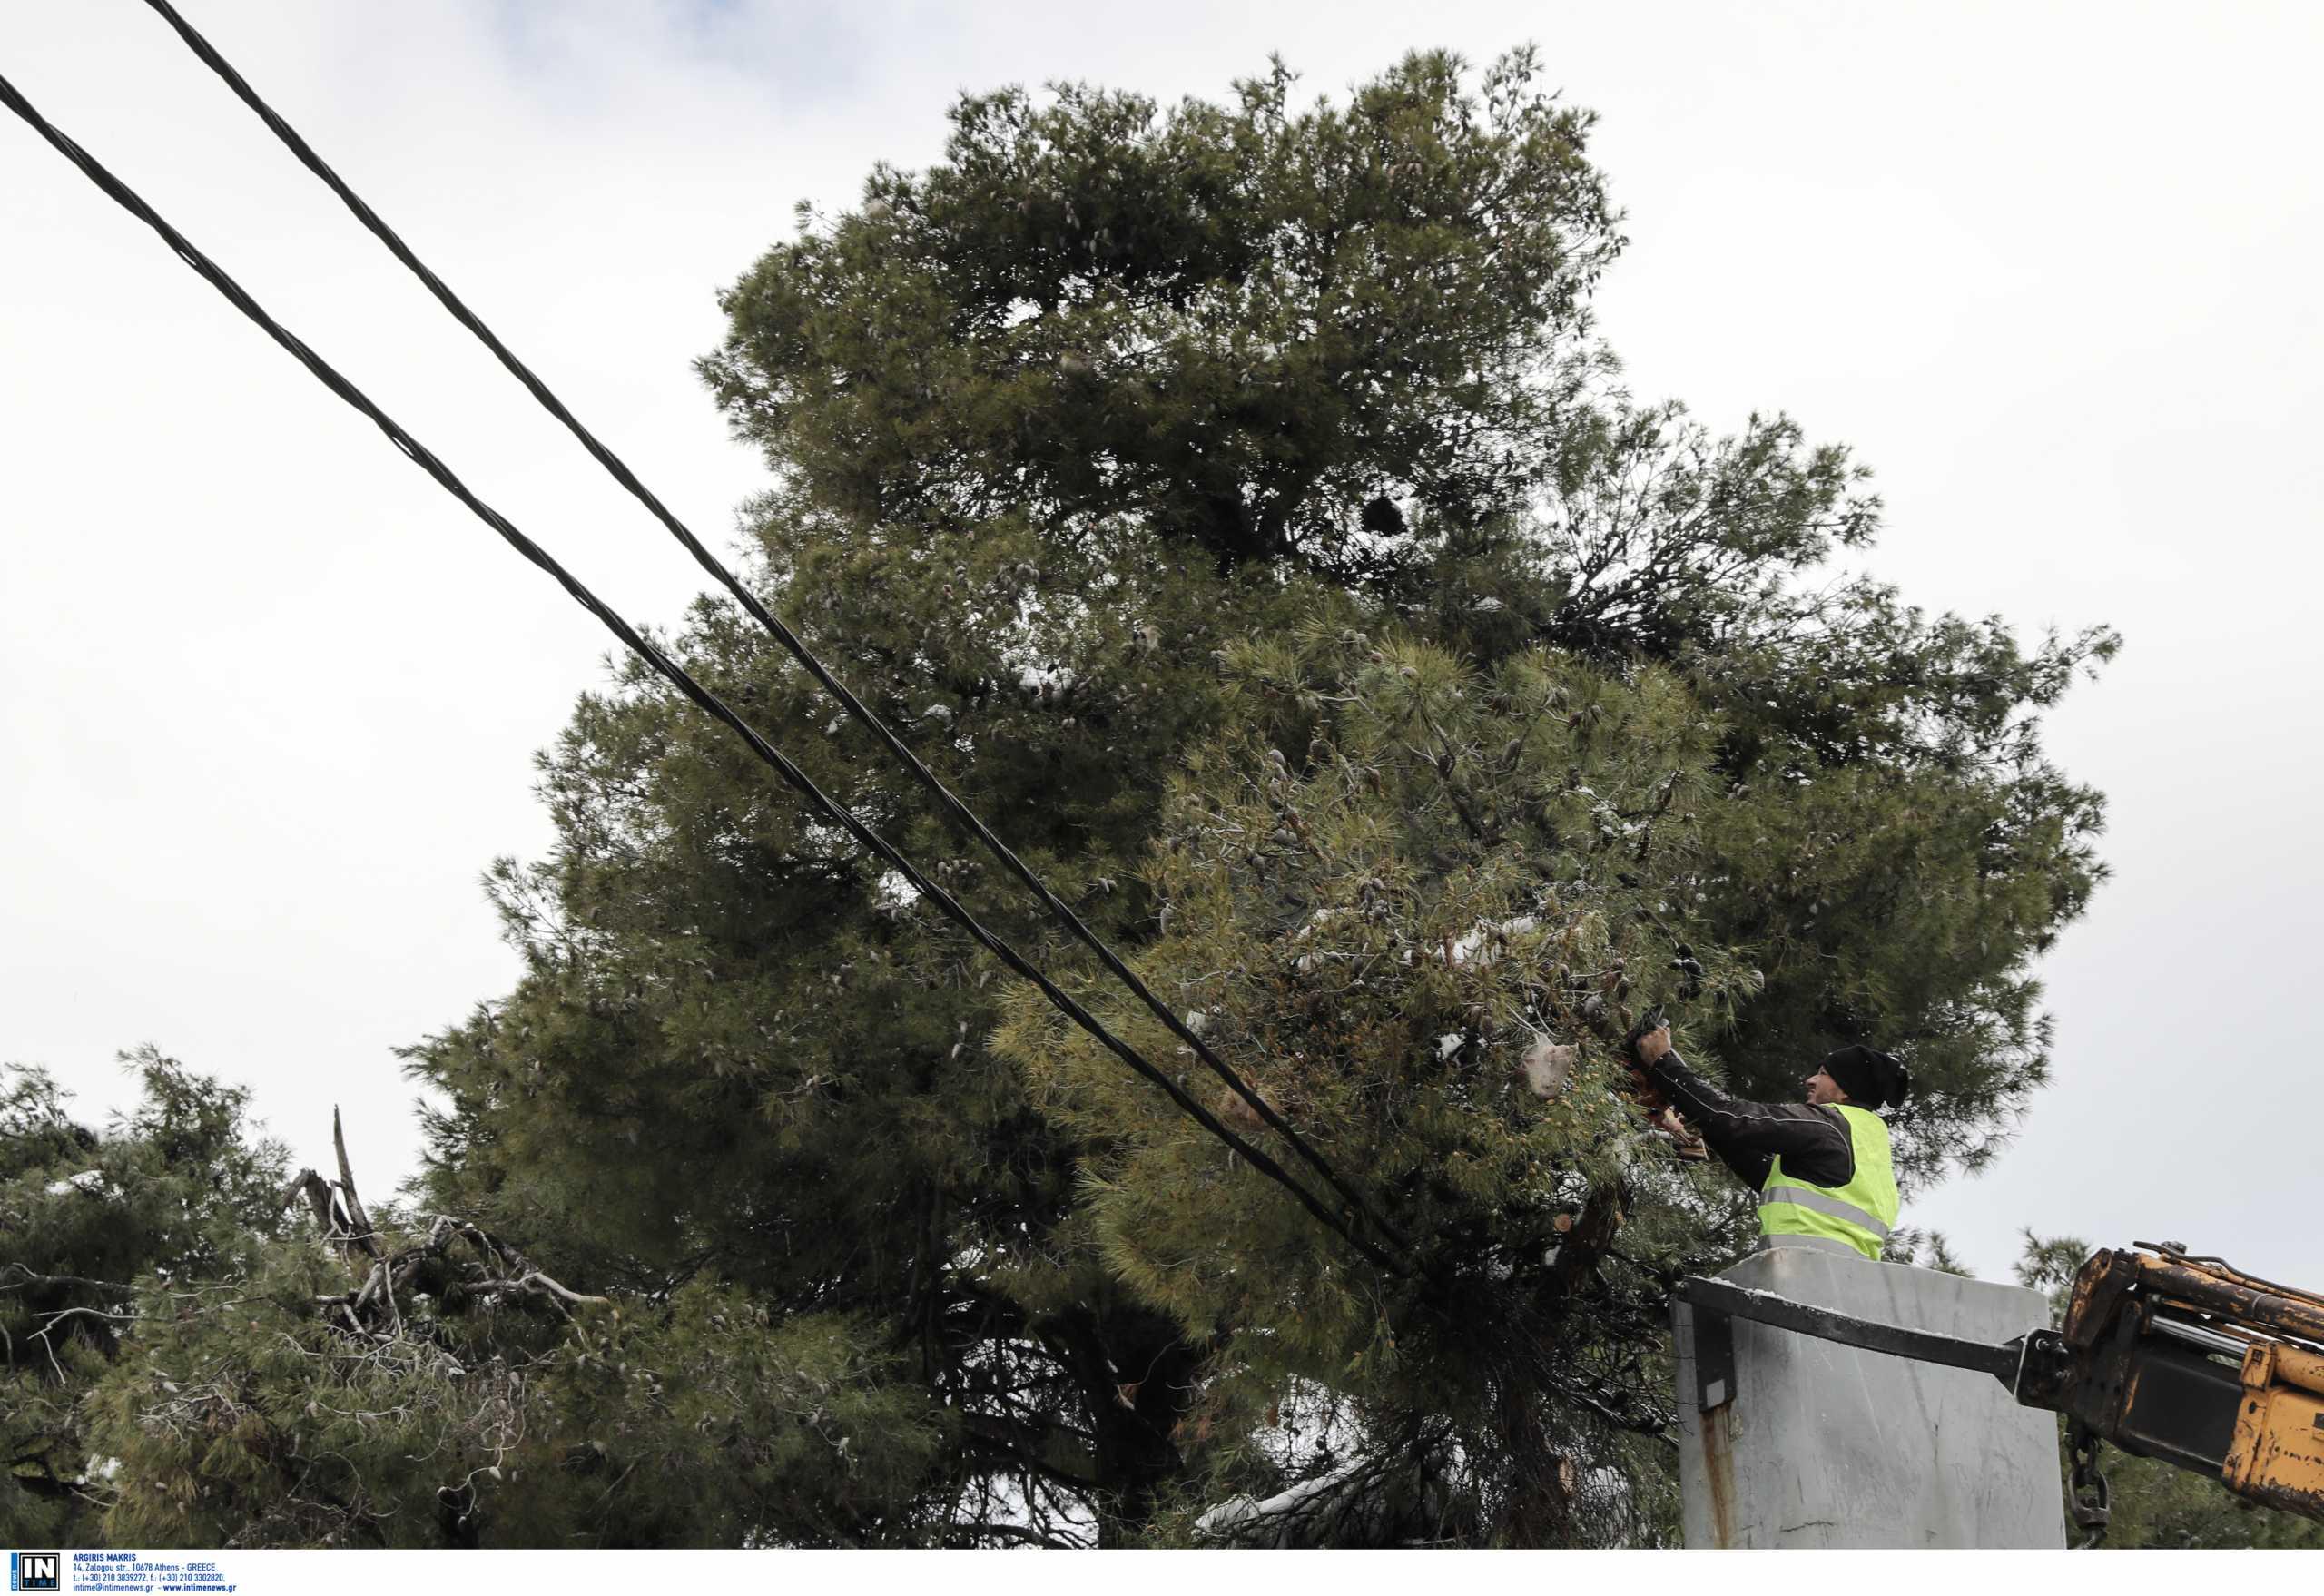 ΔΕΔΔΗΕ: Διακοπές ρεύματος στην Αθήνα – Οι περιοχές και οι ώρες